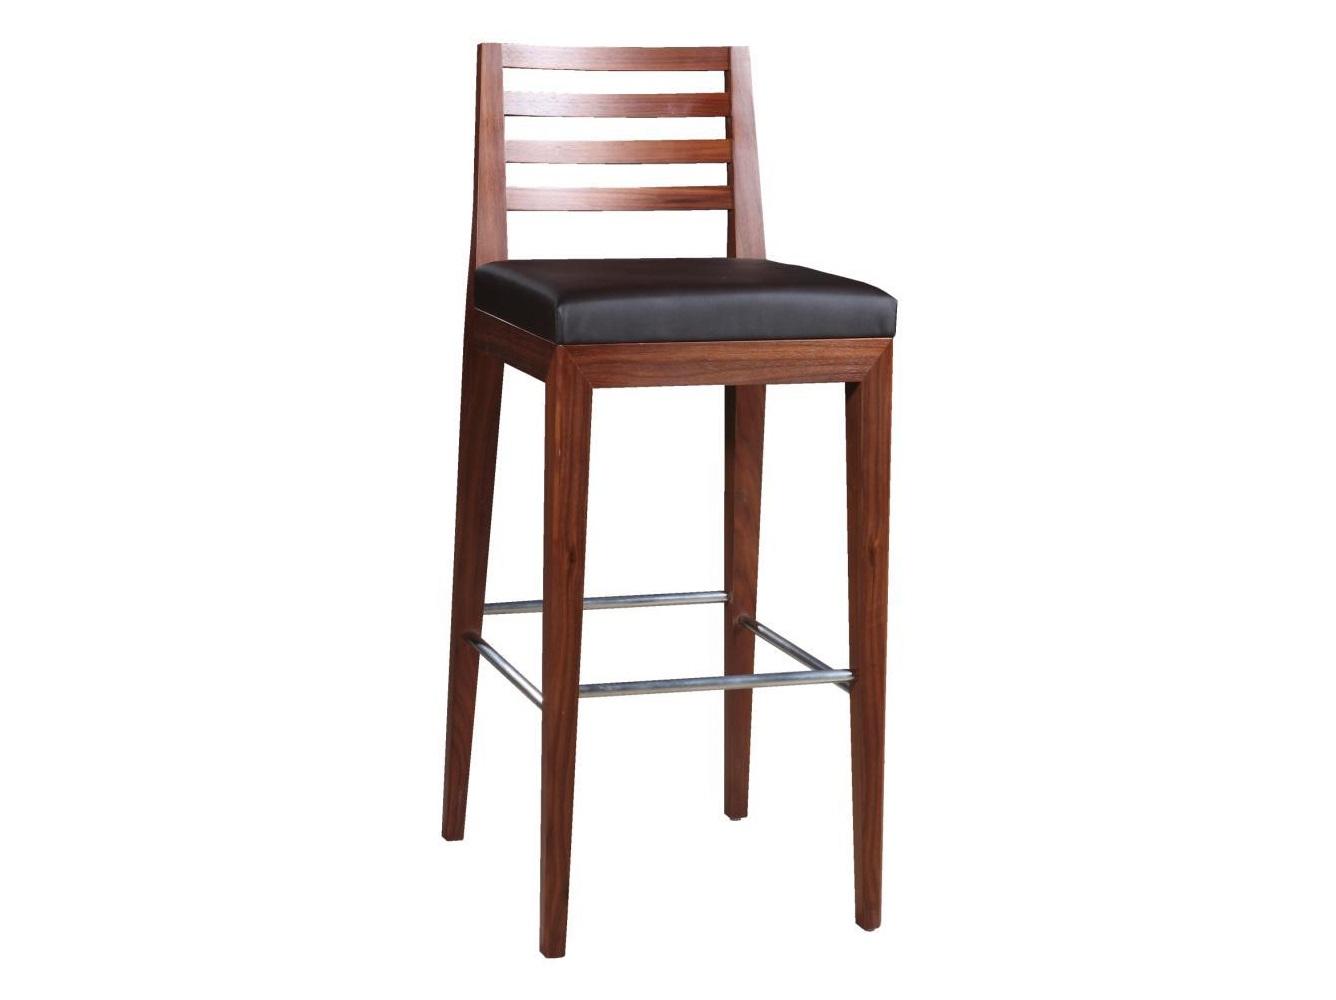 Стул барный MilanoБарные стулья<br>Cтильный и удобный барный стул с каркасом из цельного дерева совмещает в себе высокое качество материалов, дизайнерский стиль и эргономичность. Стул имеет два варианта исполнения каркаса – дуб под Venge (венге) и беленый дуб. Сиденье из современного износостойкого материала (экокожа) делает стул мягче и повышает функциональность.<br>Барные стулья Milano подходят для любых стилистических вариантов кухонной мебели, от классики до ар-деко. Отлично сочетаются с остальной мебелью коллекции Milano.<br><br>Material: Дерево<br>Ширина см: 41<br>Высота см: 103<br>Глубина см: 50